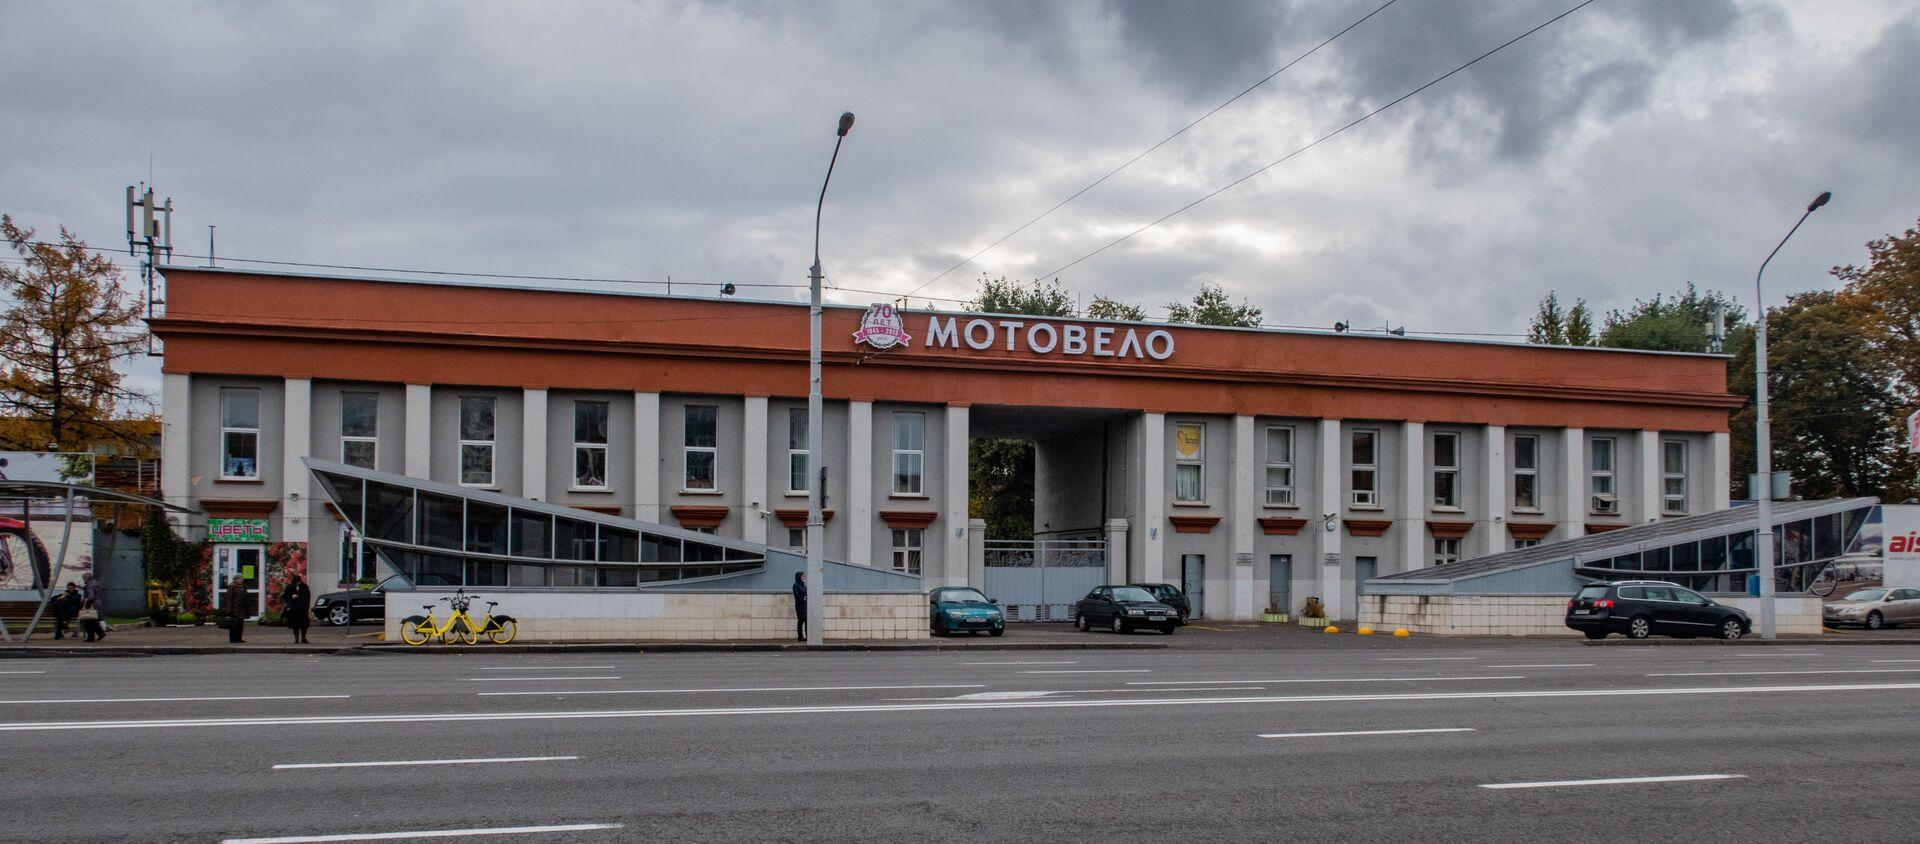 Мотавела - Sputnik Беларусь, 1920, 16.02.2021